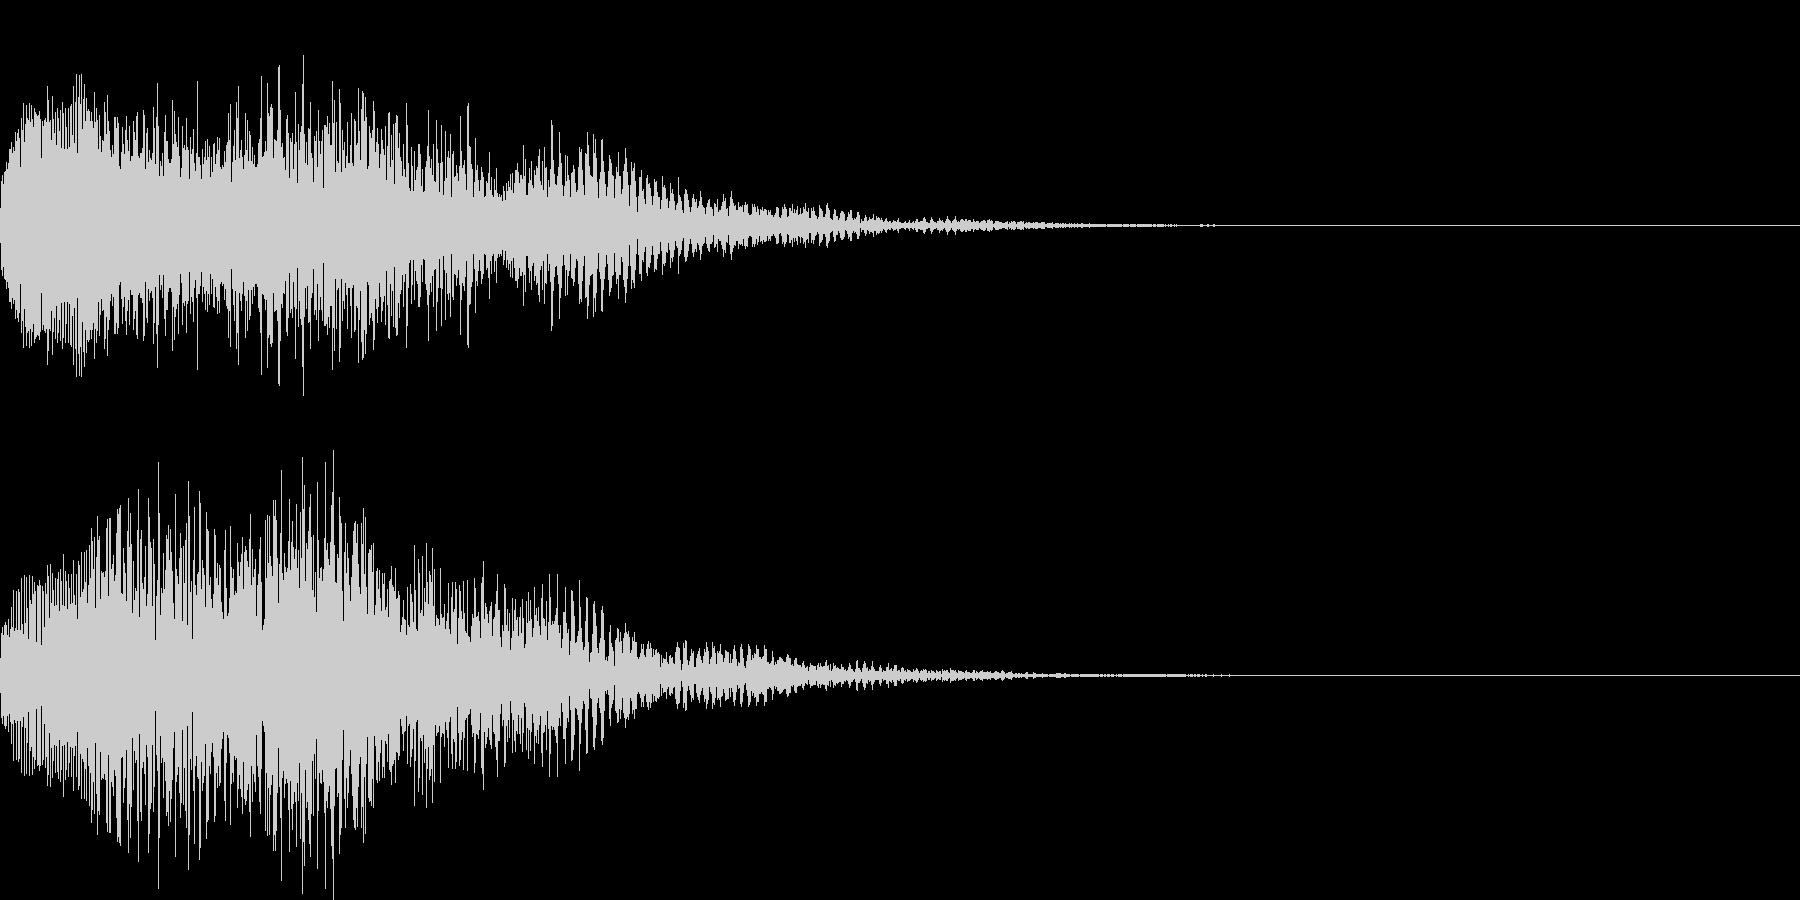 アイテム獲得音04の未再生の波形